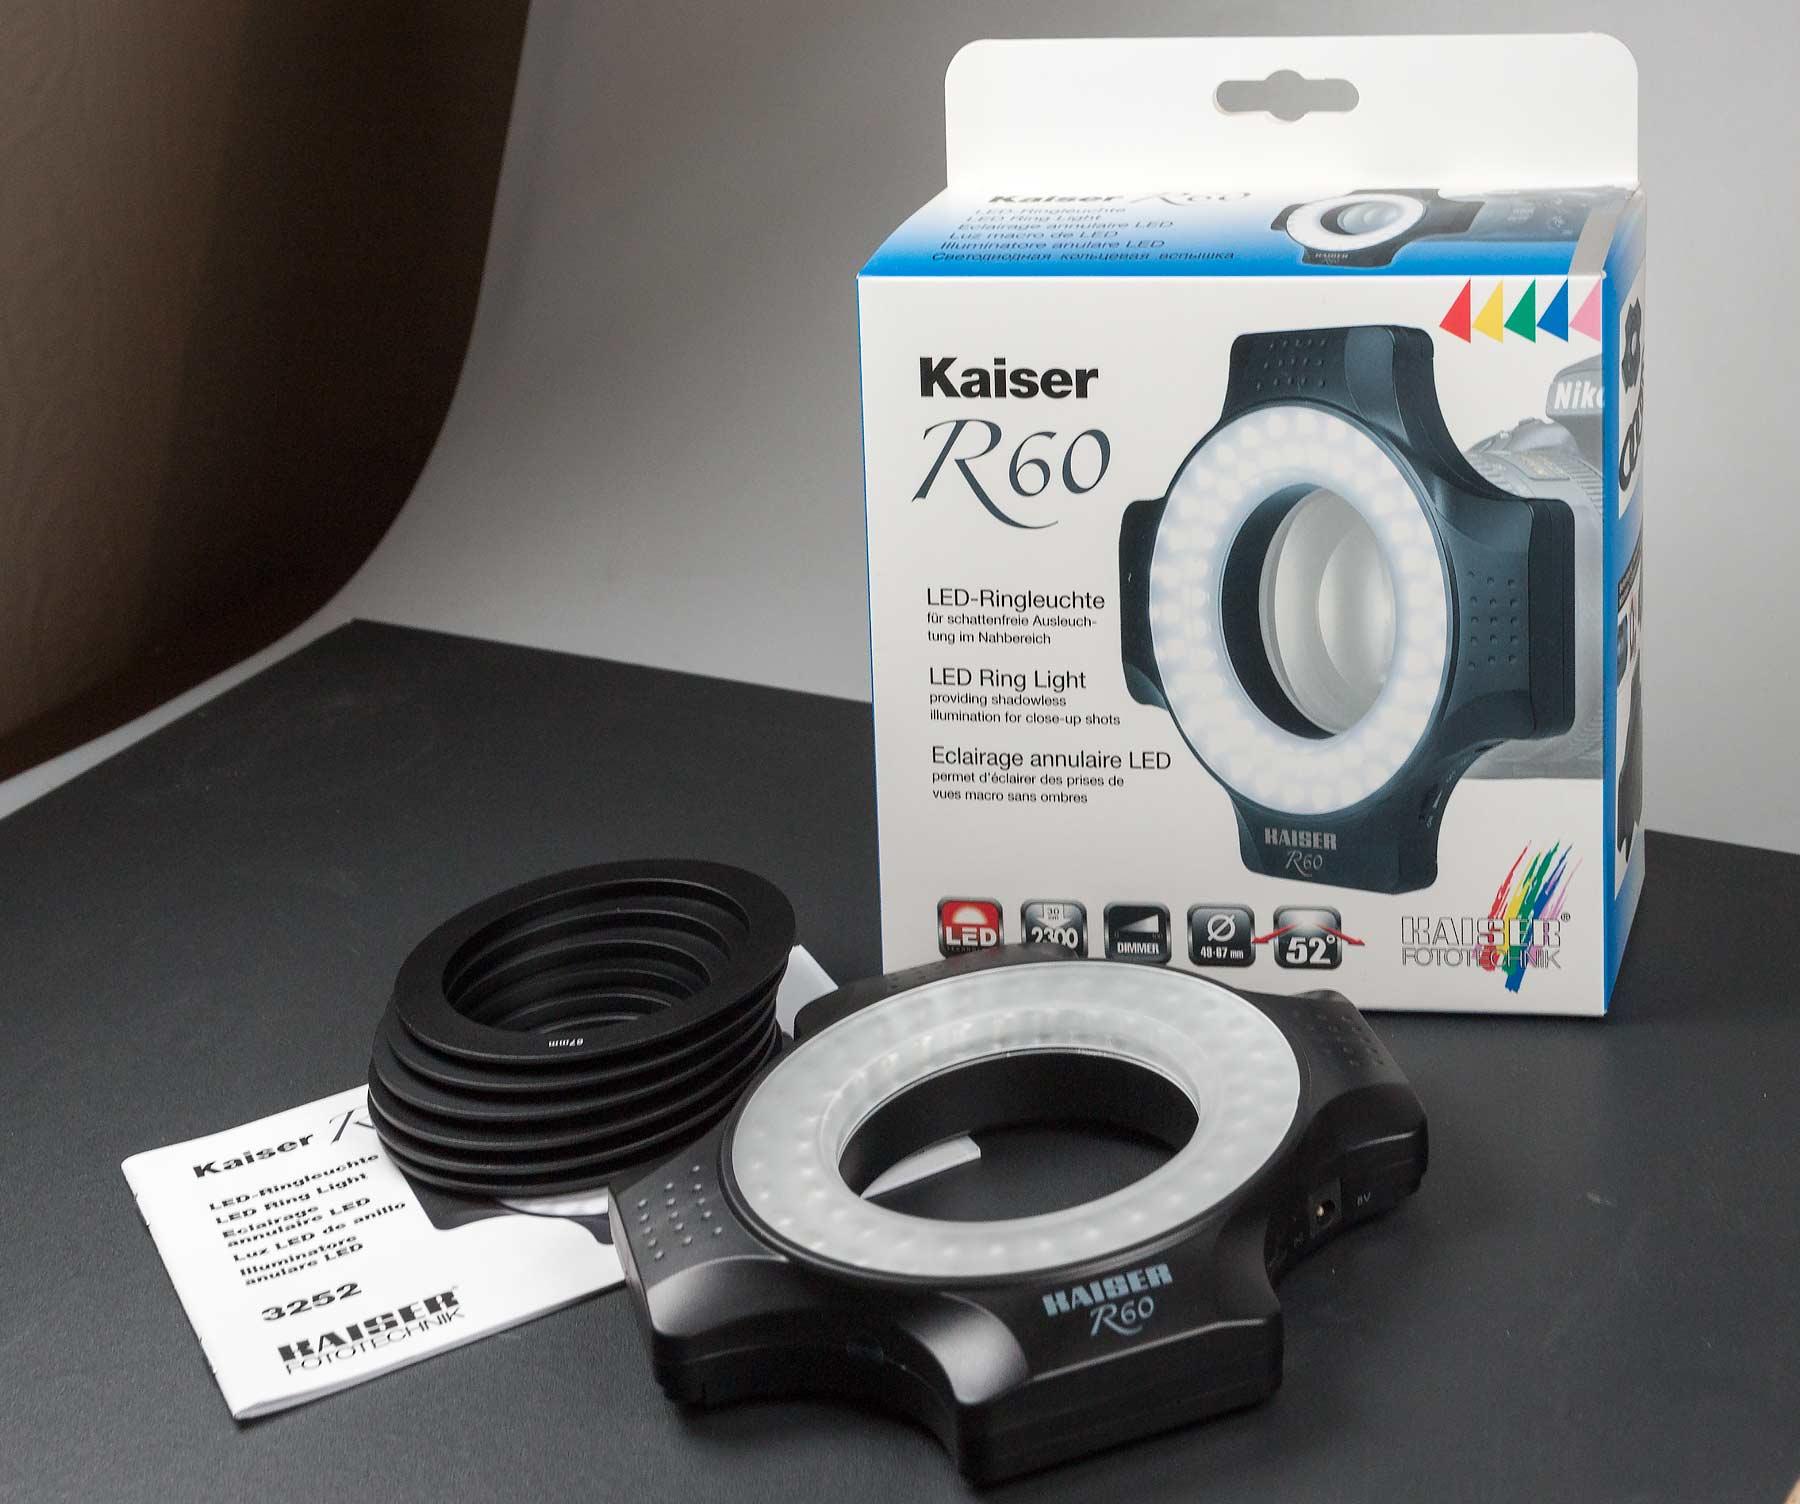 Kaiser R60 kit